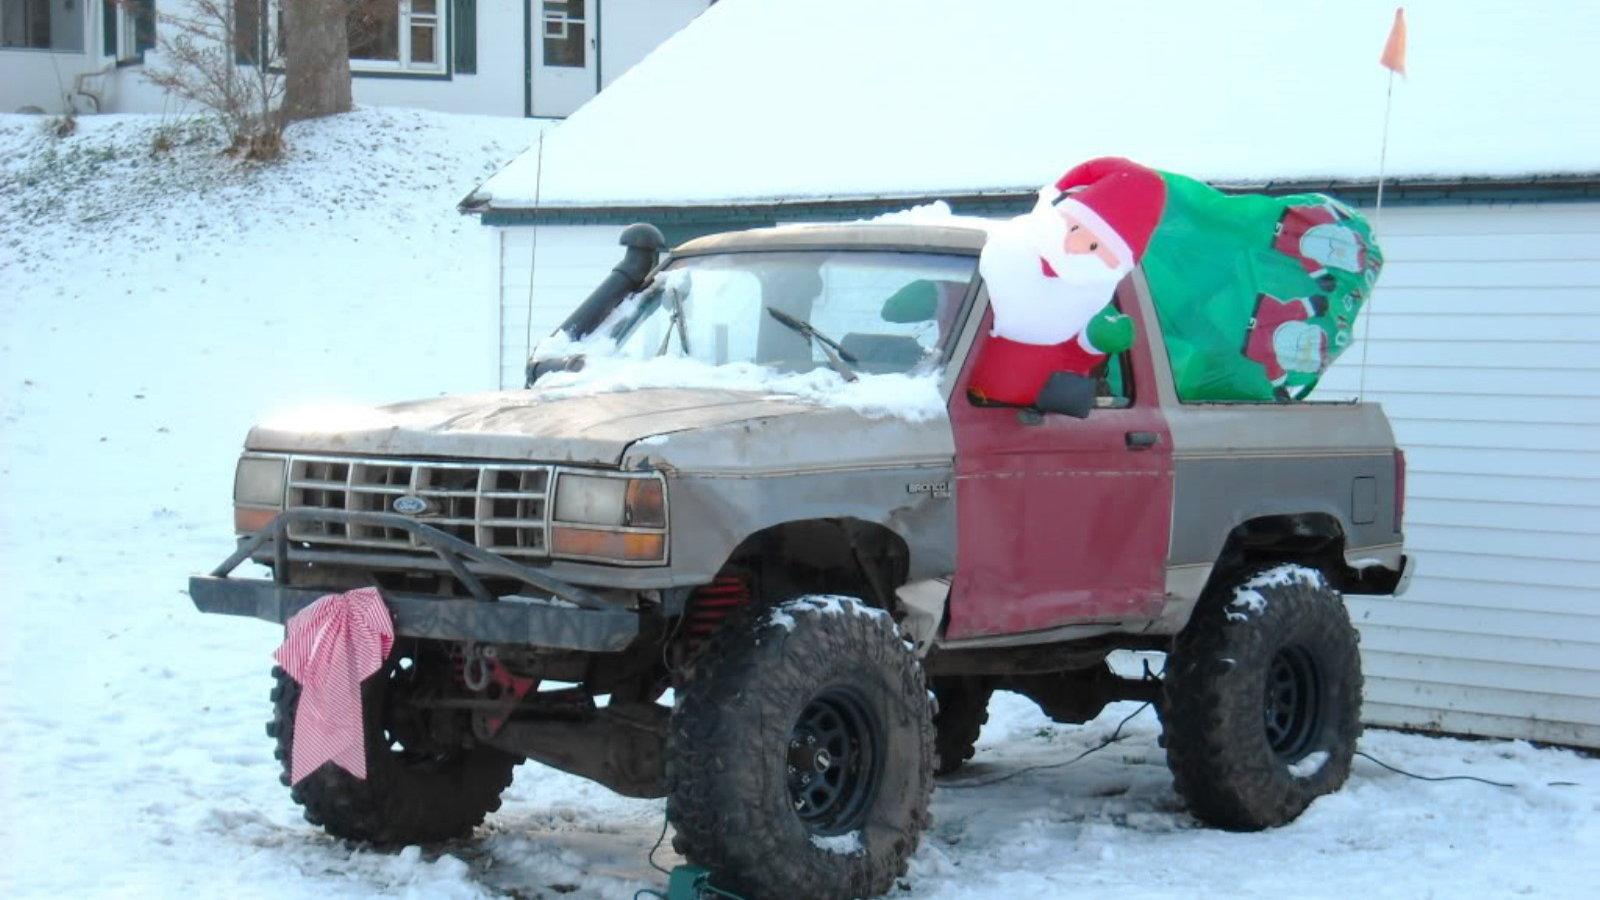 Santa's Mud Fun Bronco